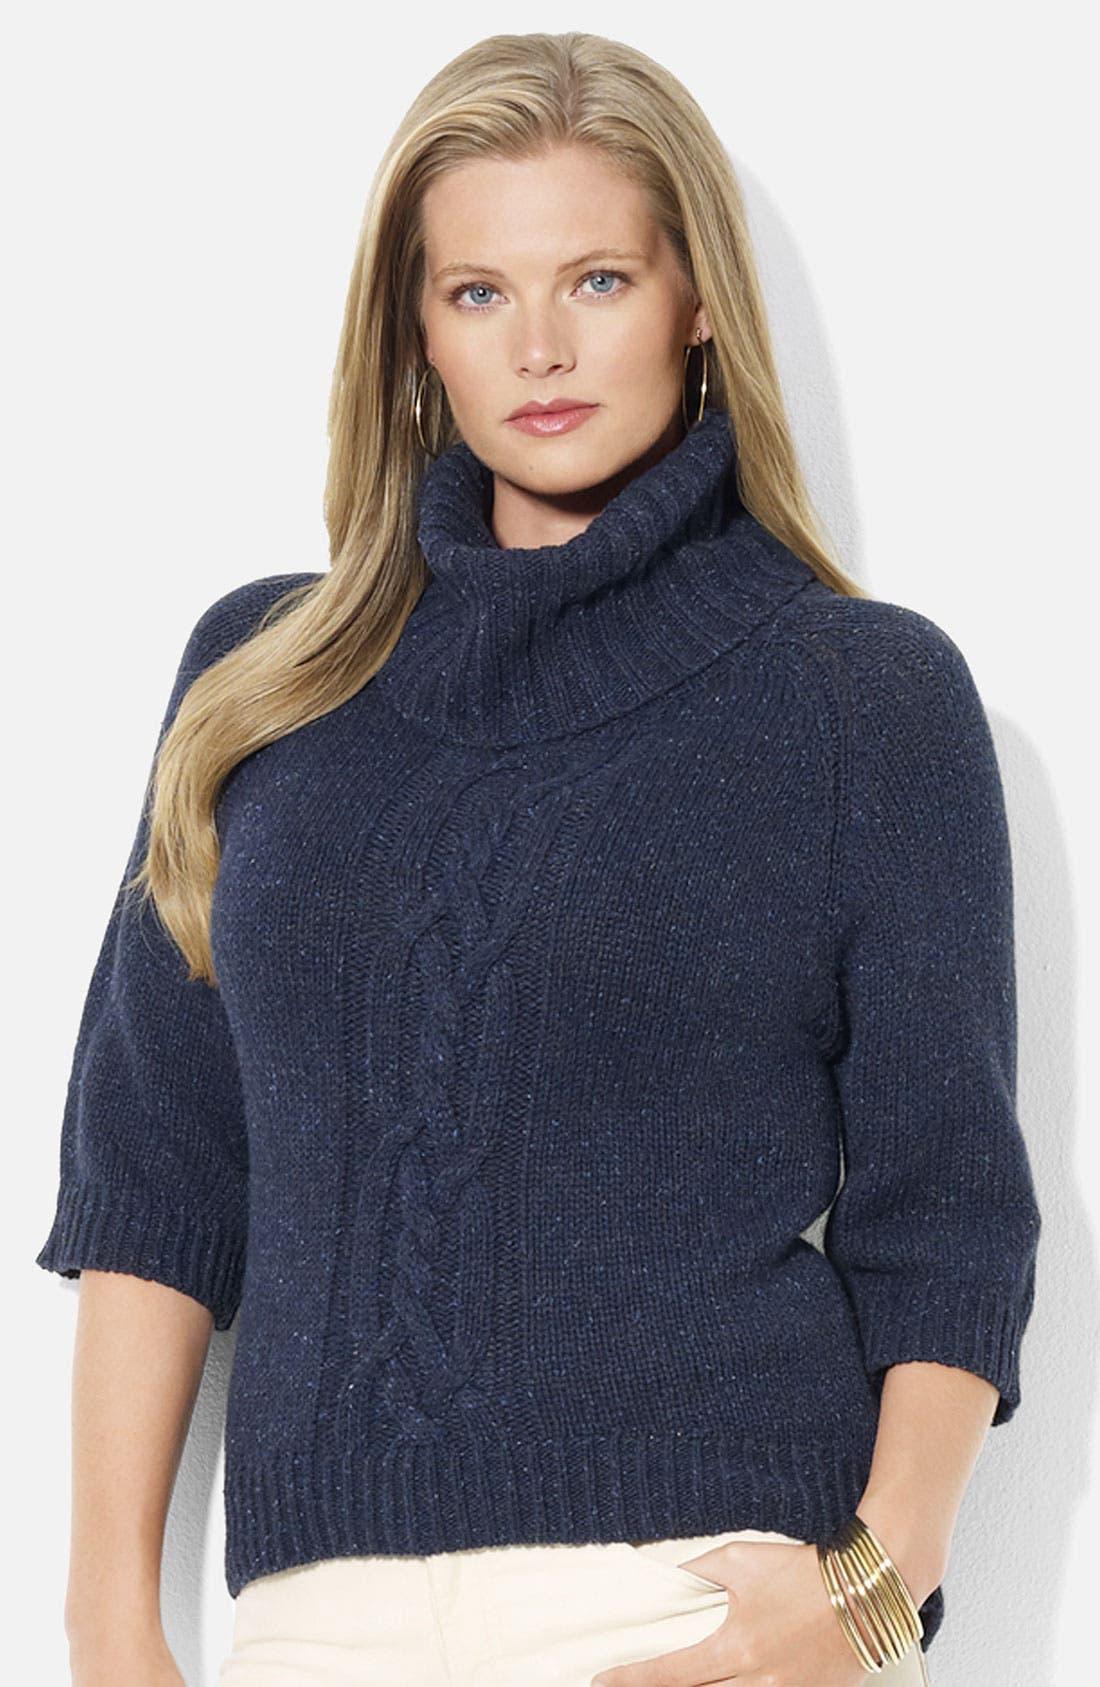 Alternate Image 1 Selected - Lauren Ralph Lauren Turtleneck Sweater (Plus)